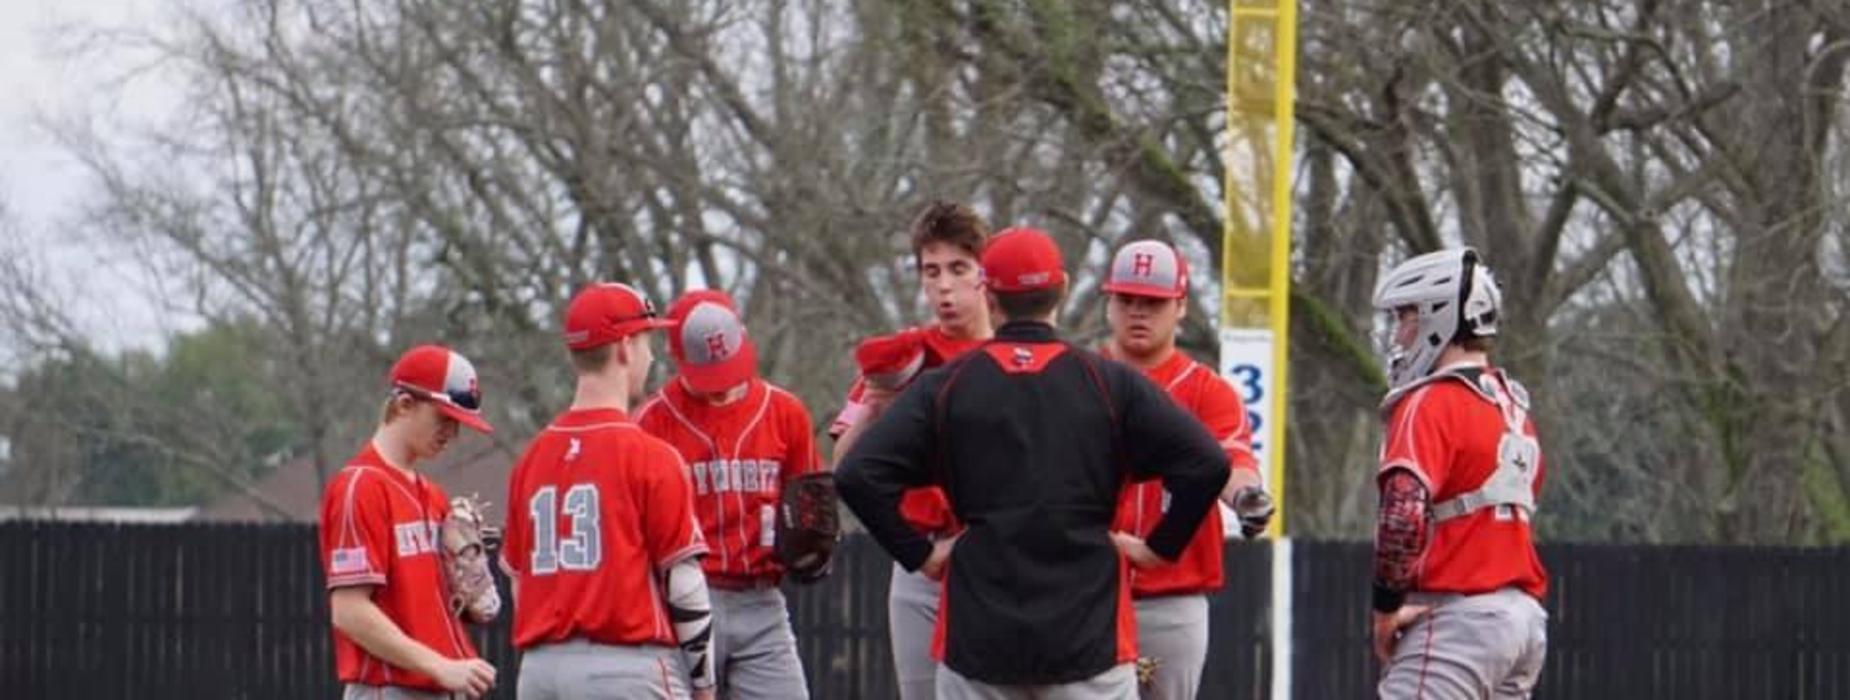 Baseball Mound Meeting